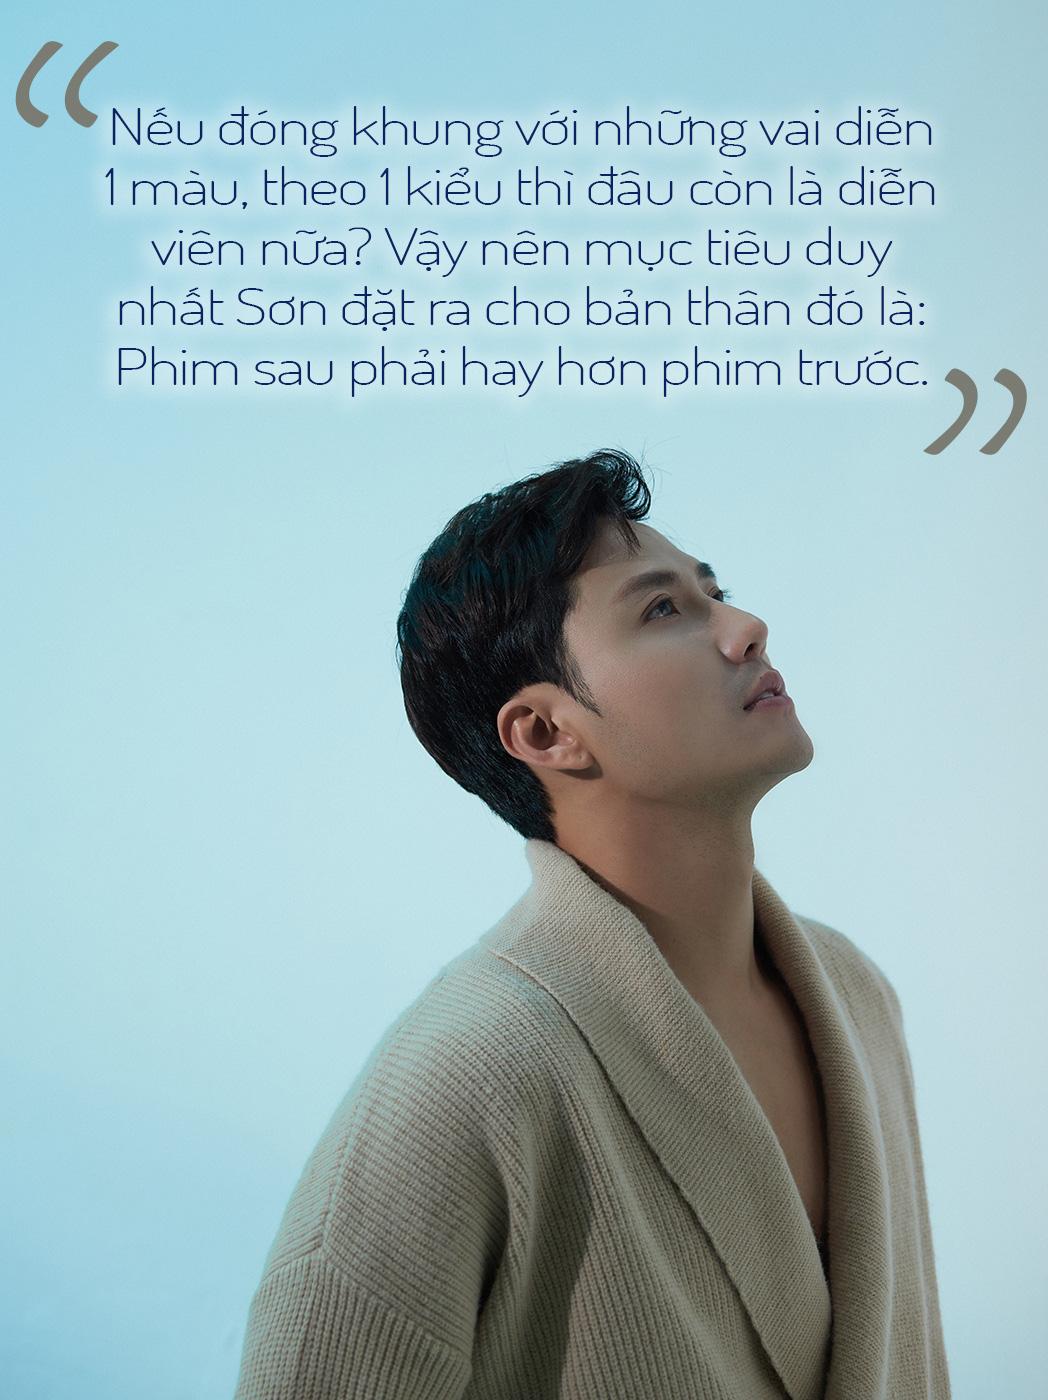 [eMagazine] Diễn viên Thanh Sơn: Phim sau phải hay hơn phim trước! - Ảnh 5.